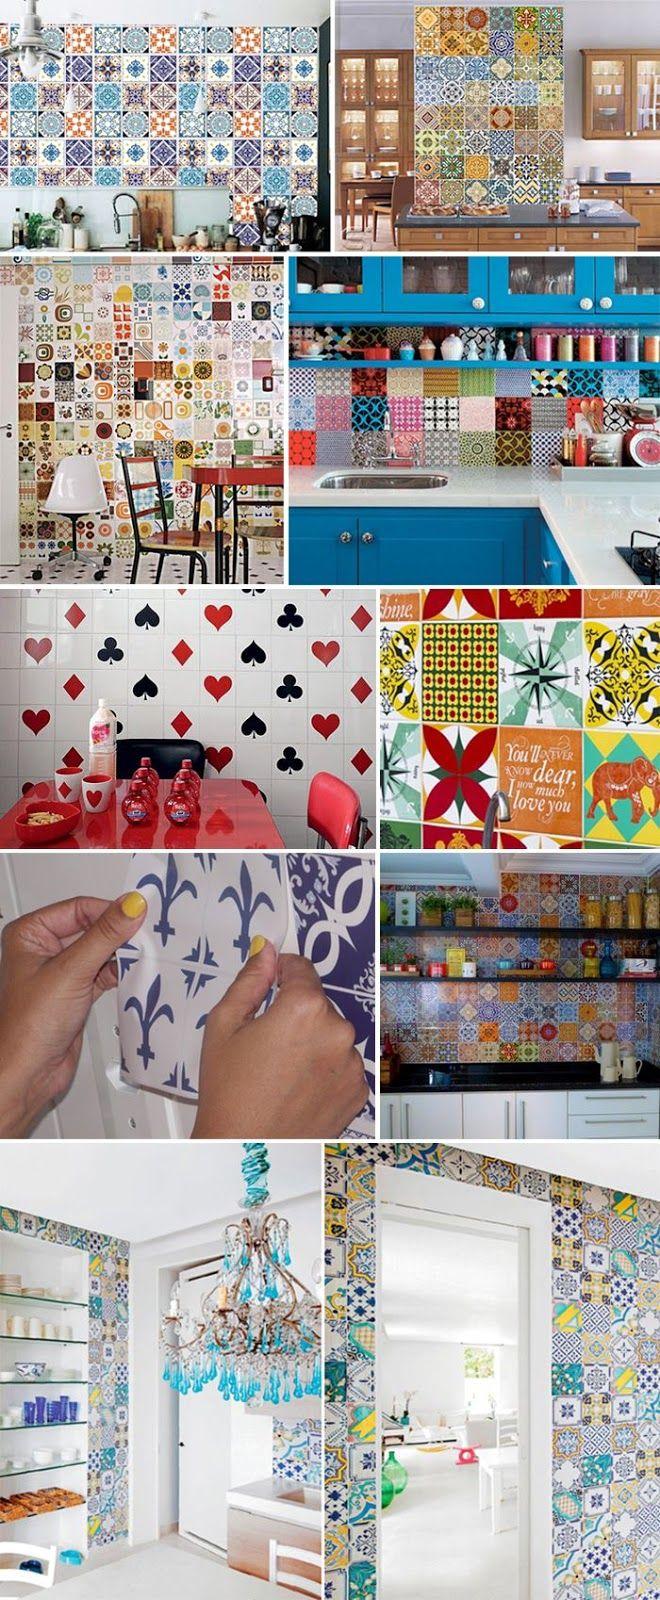 Como decorar a casa gastando pouco - Reciclar e Decorar